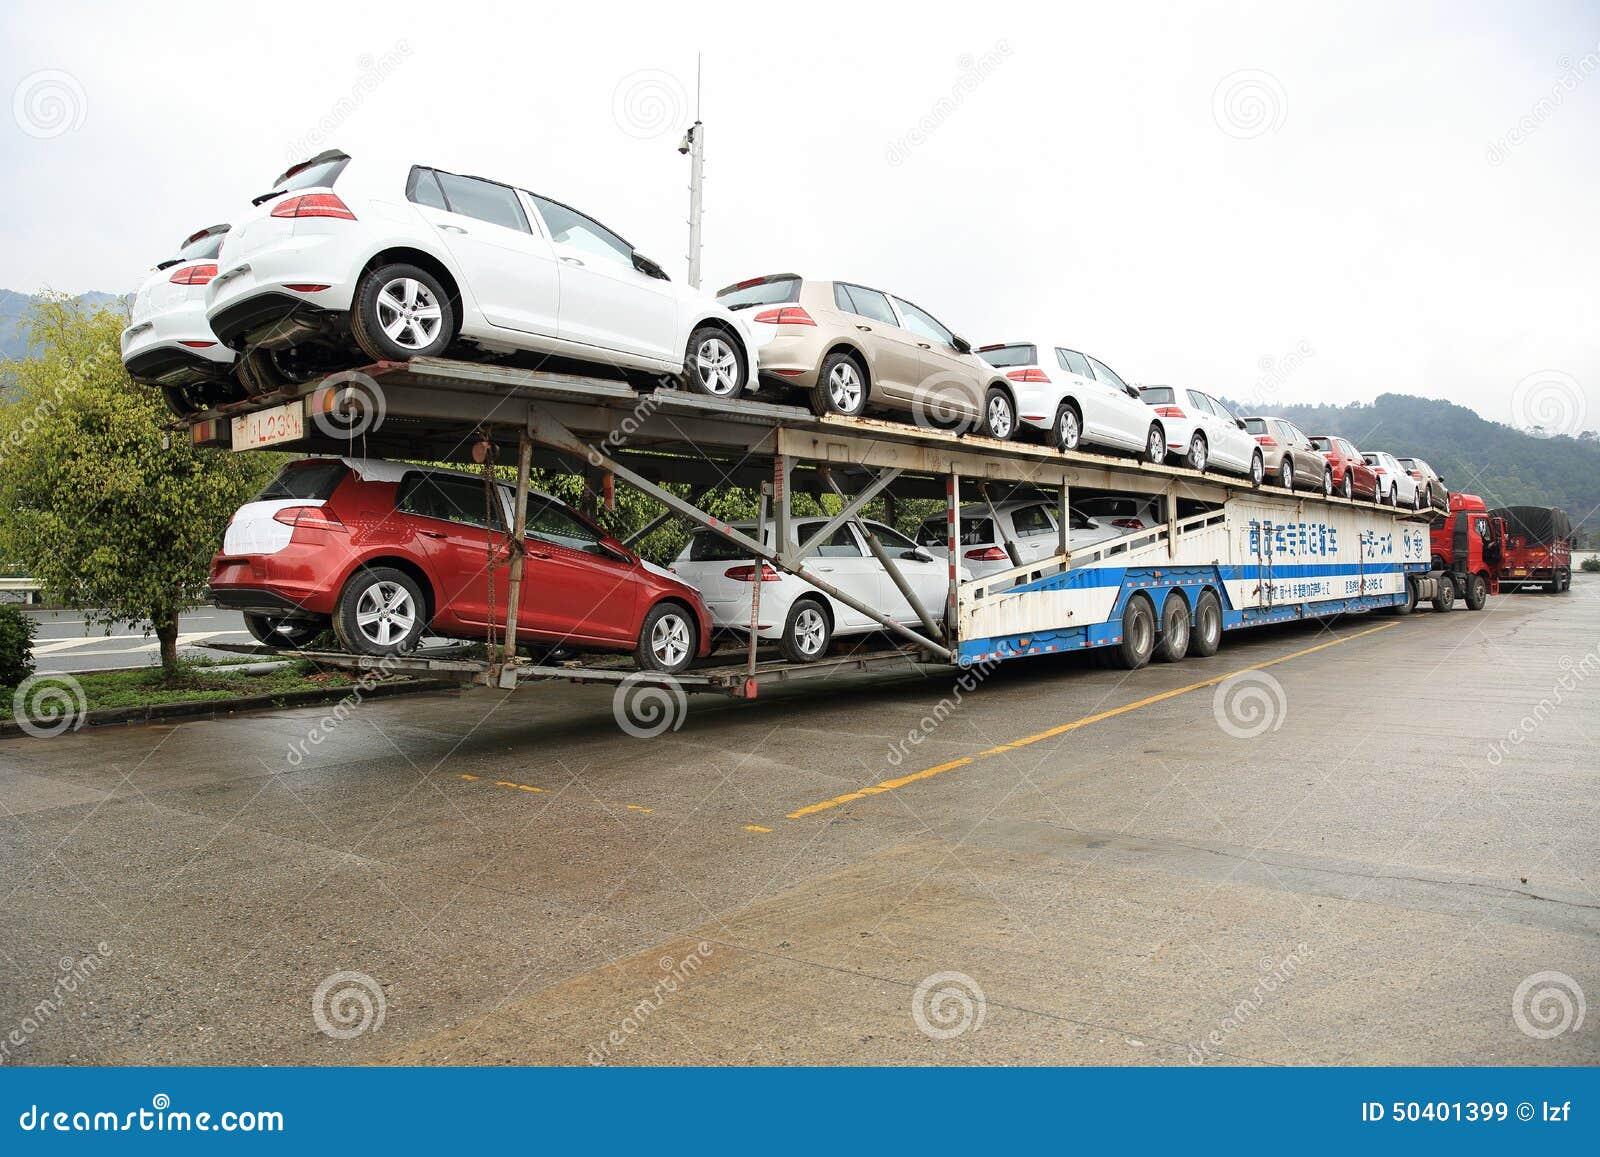 Used Semi Auto Cars